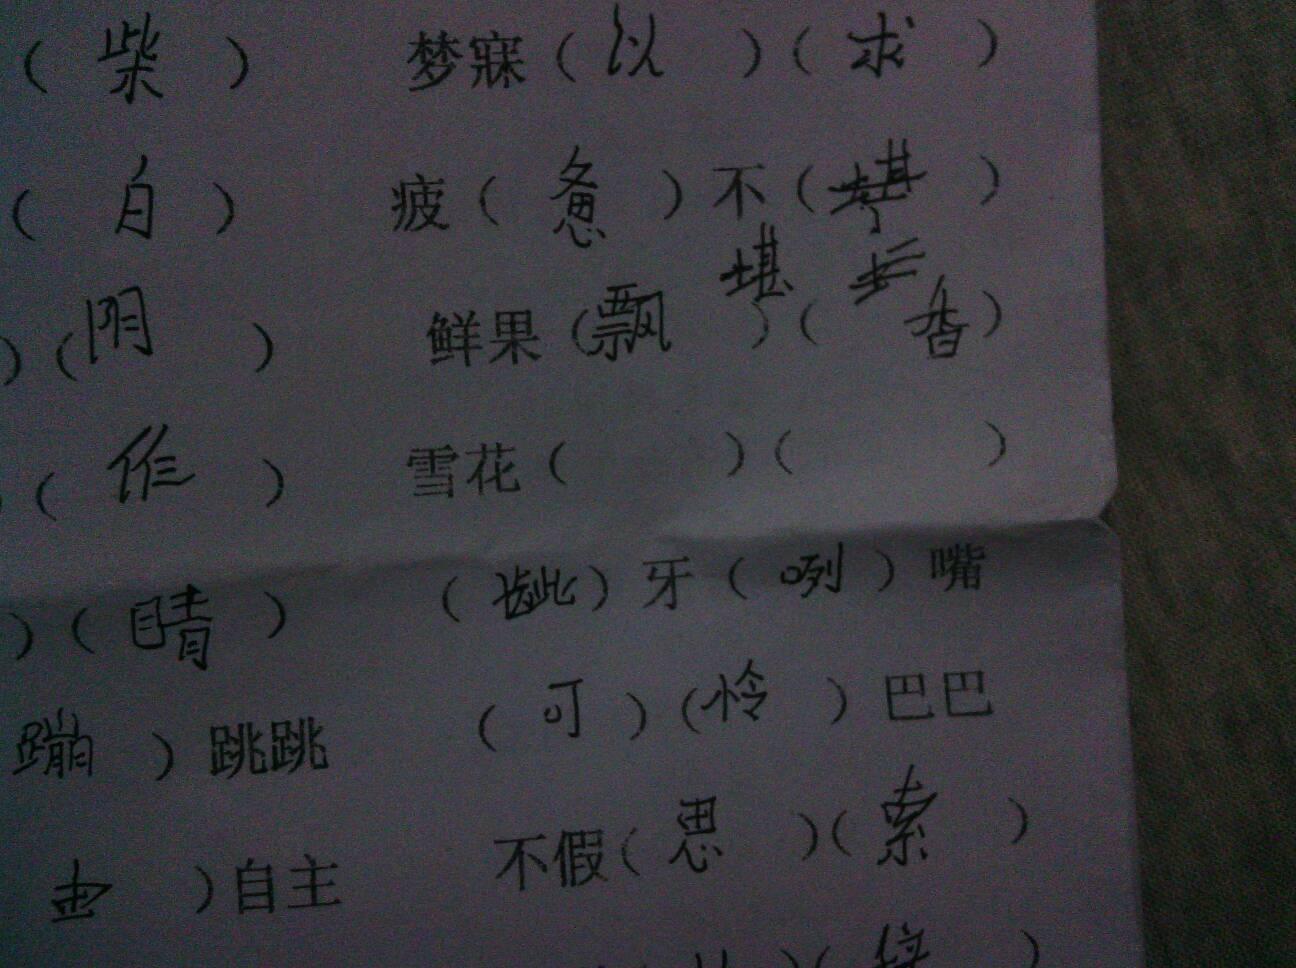 花( )繁( )四字词语